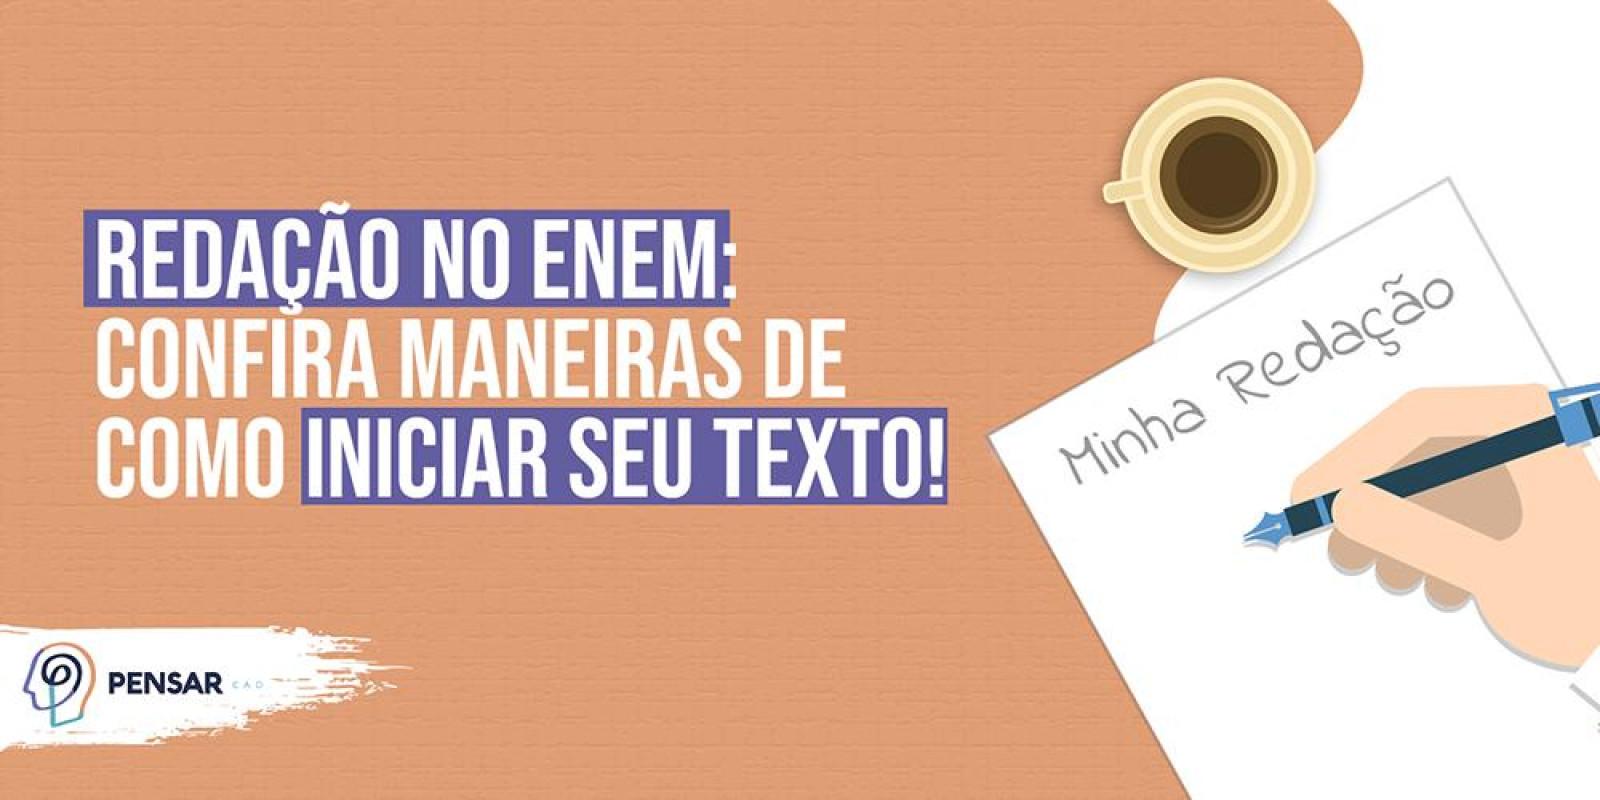 Redação no ENEM: confira maneiras de como iniciar seu texto!